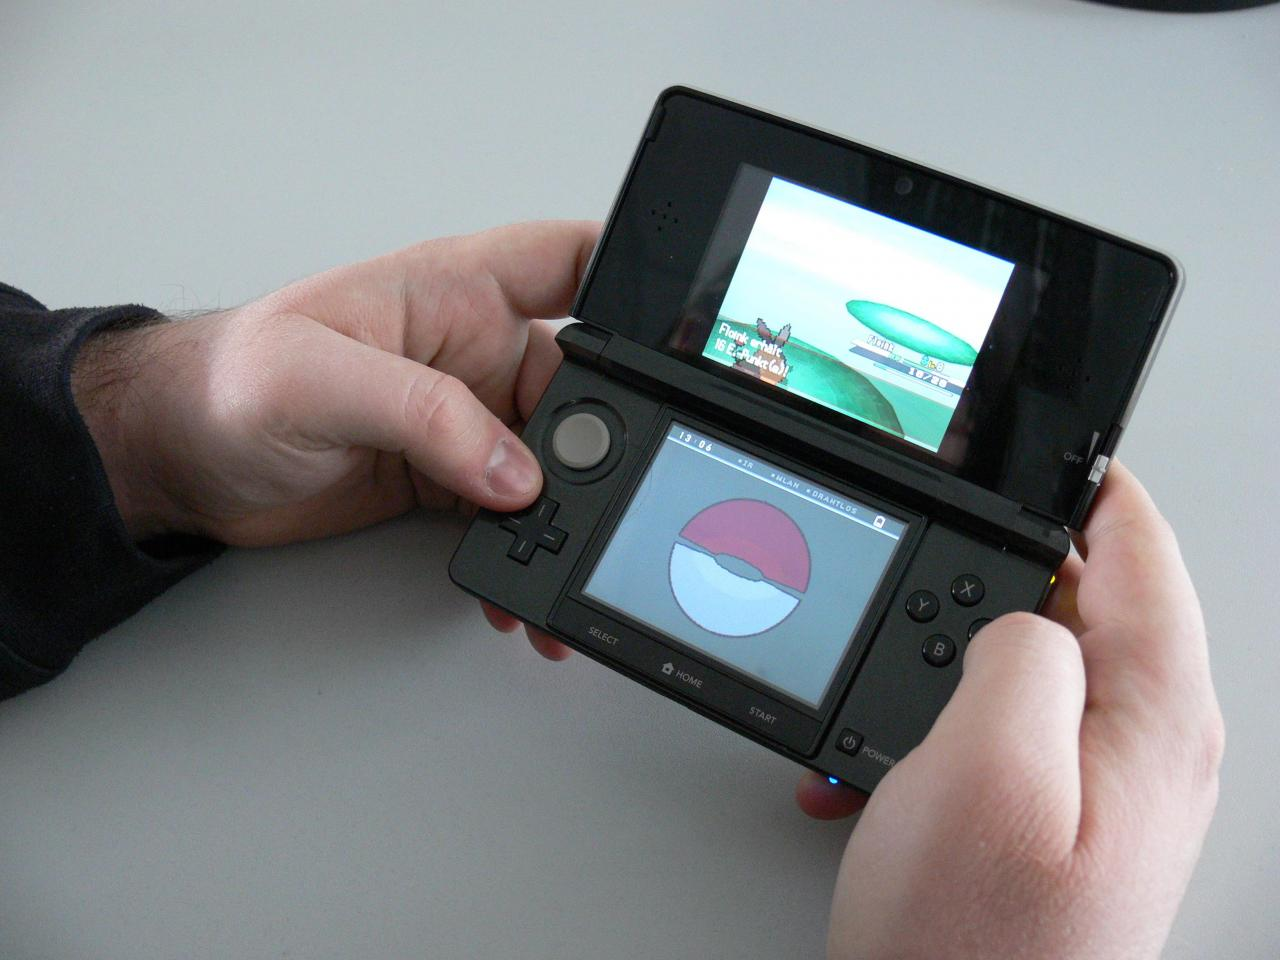 nintendo 3ds wir spielen pok mon wei auf dem neuen 3d handheld. Black Bedroom Furniture Sets. Home Design Ideas